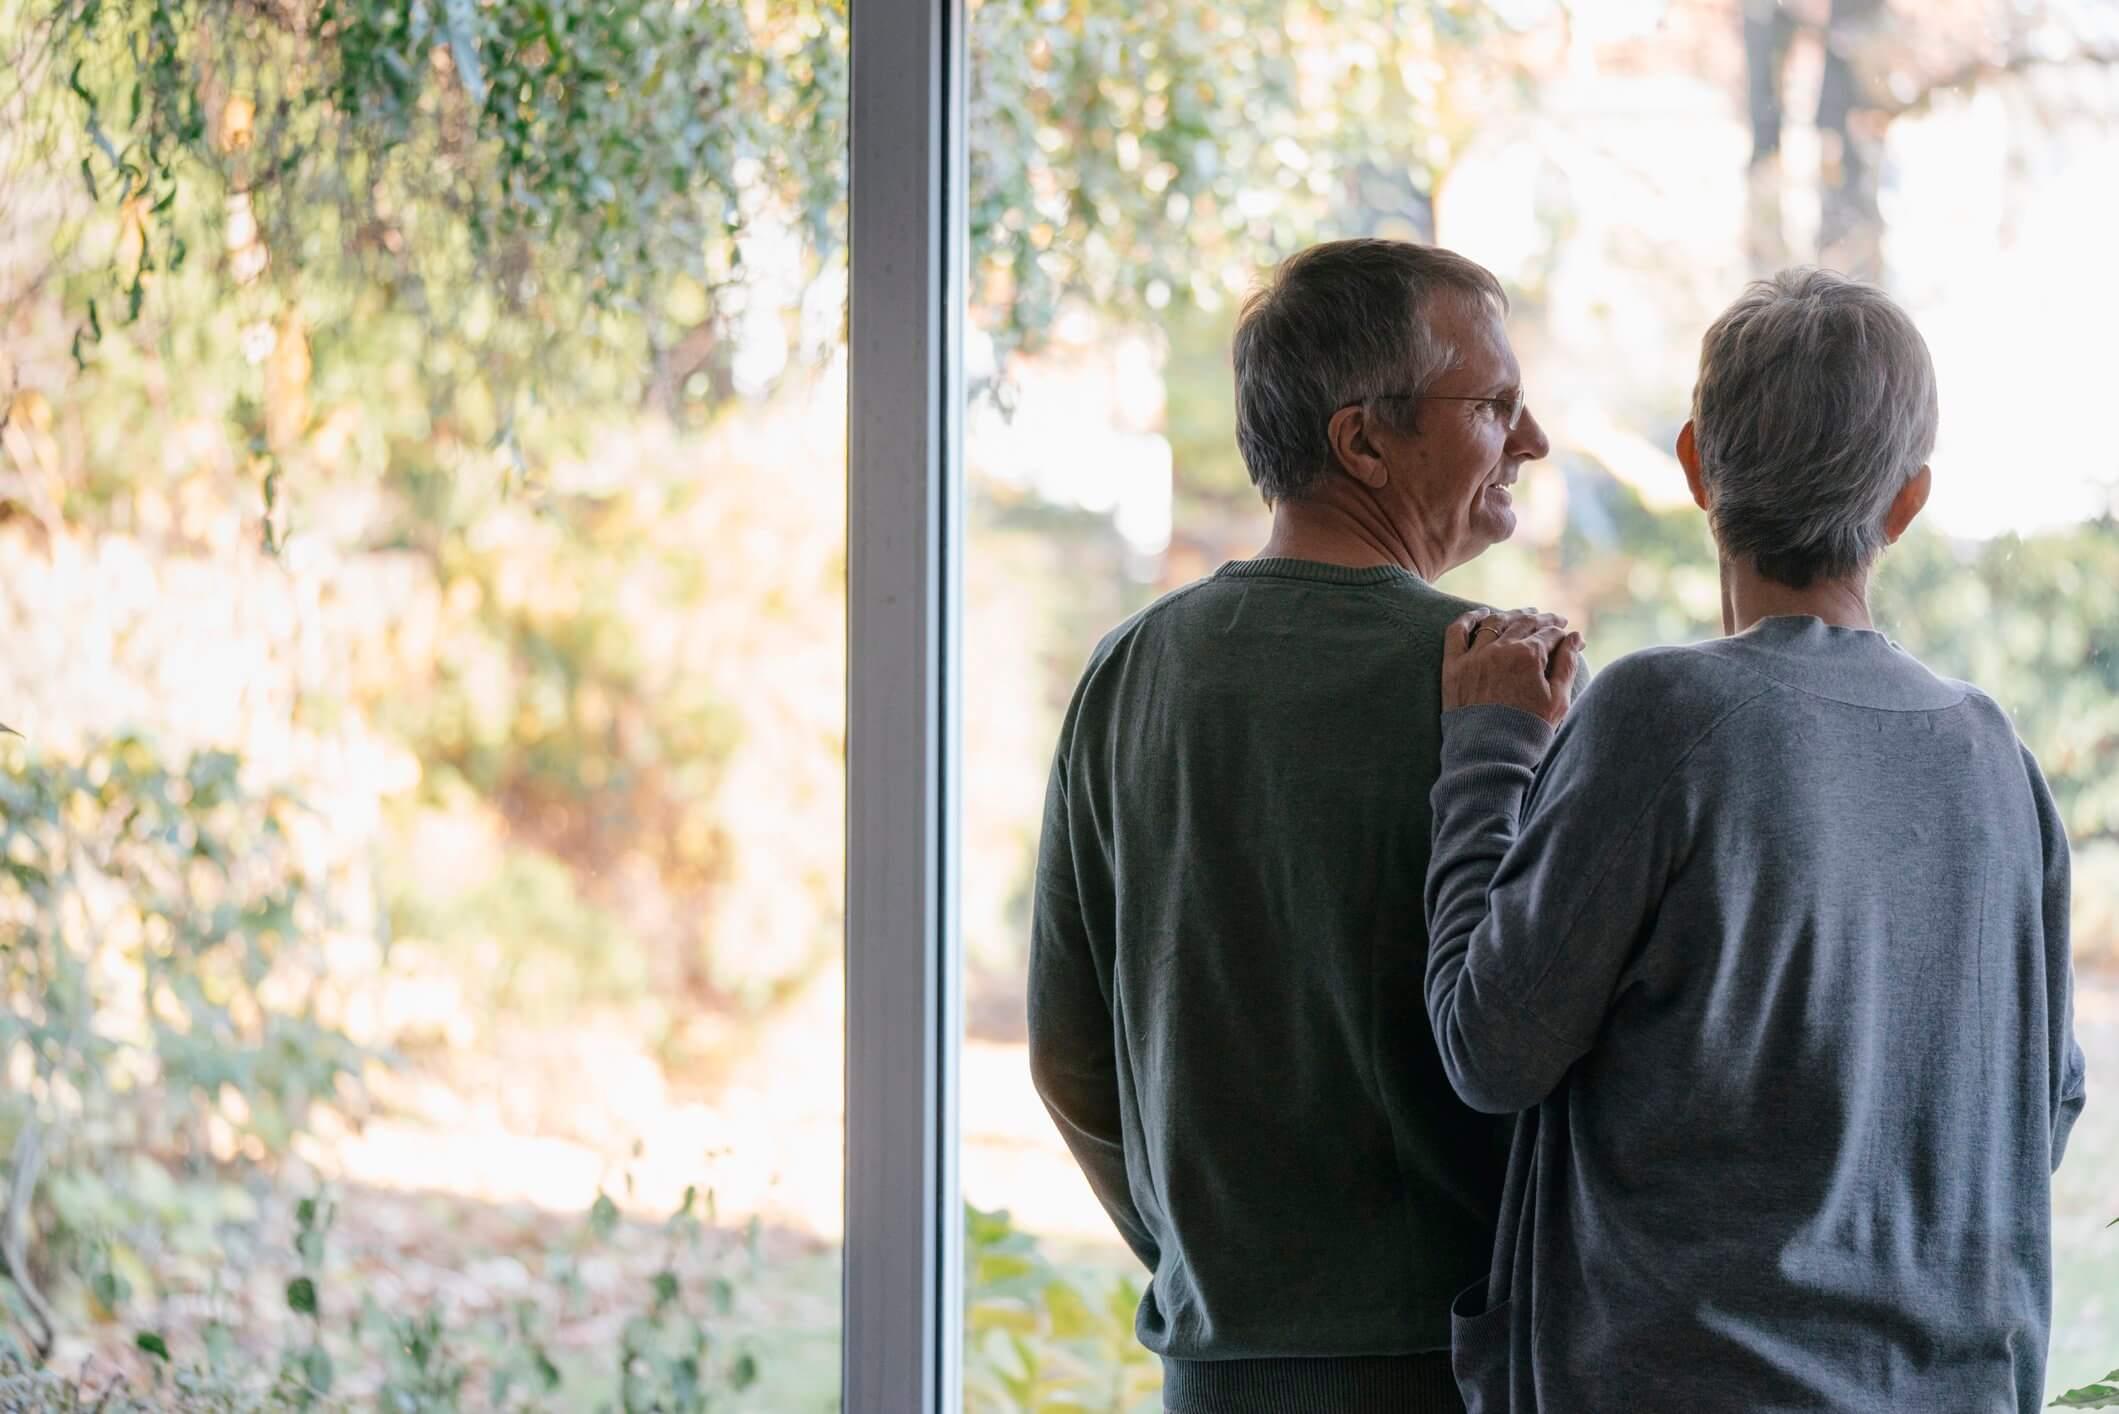 two elders watching the scene outside